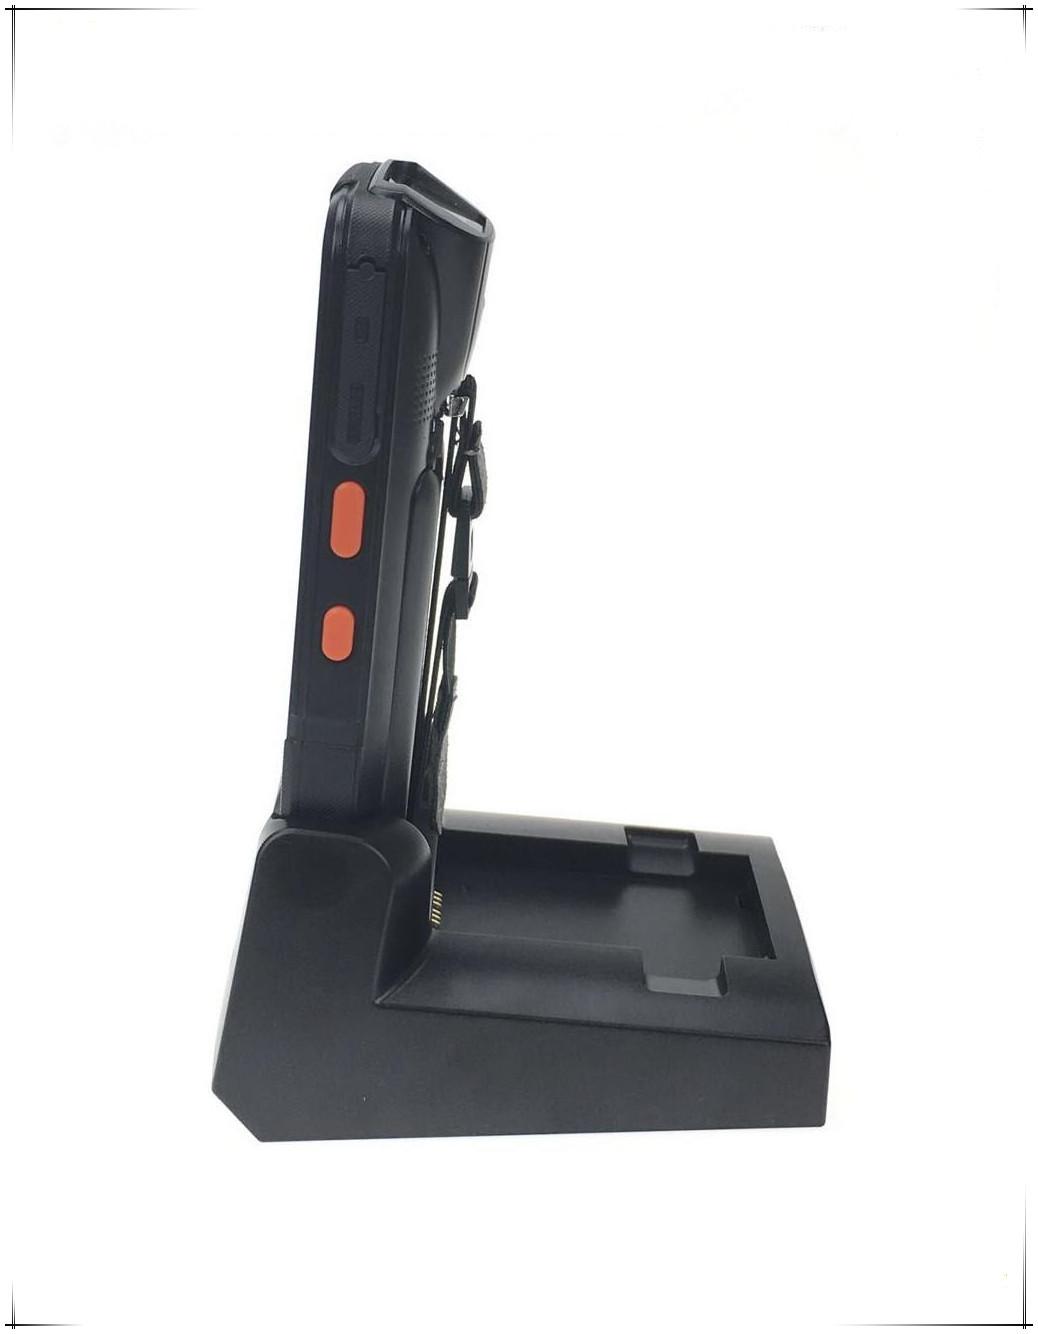 беспроводной сканирование пистолет - сборщиков данных 4G сканеры инвентаризации одномерной микро - Письмо alipay машина сканирование пистолет